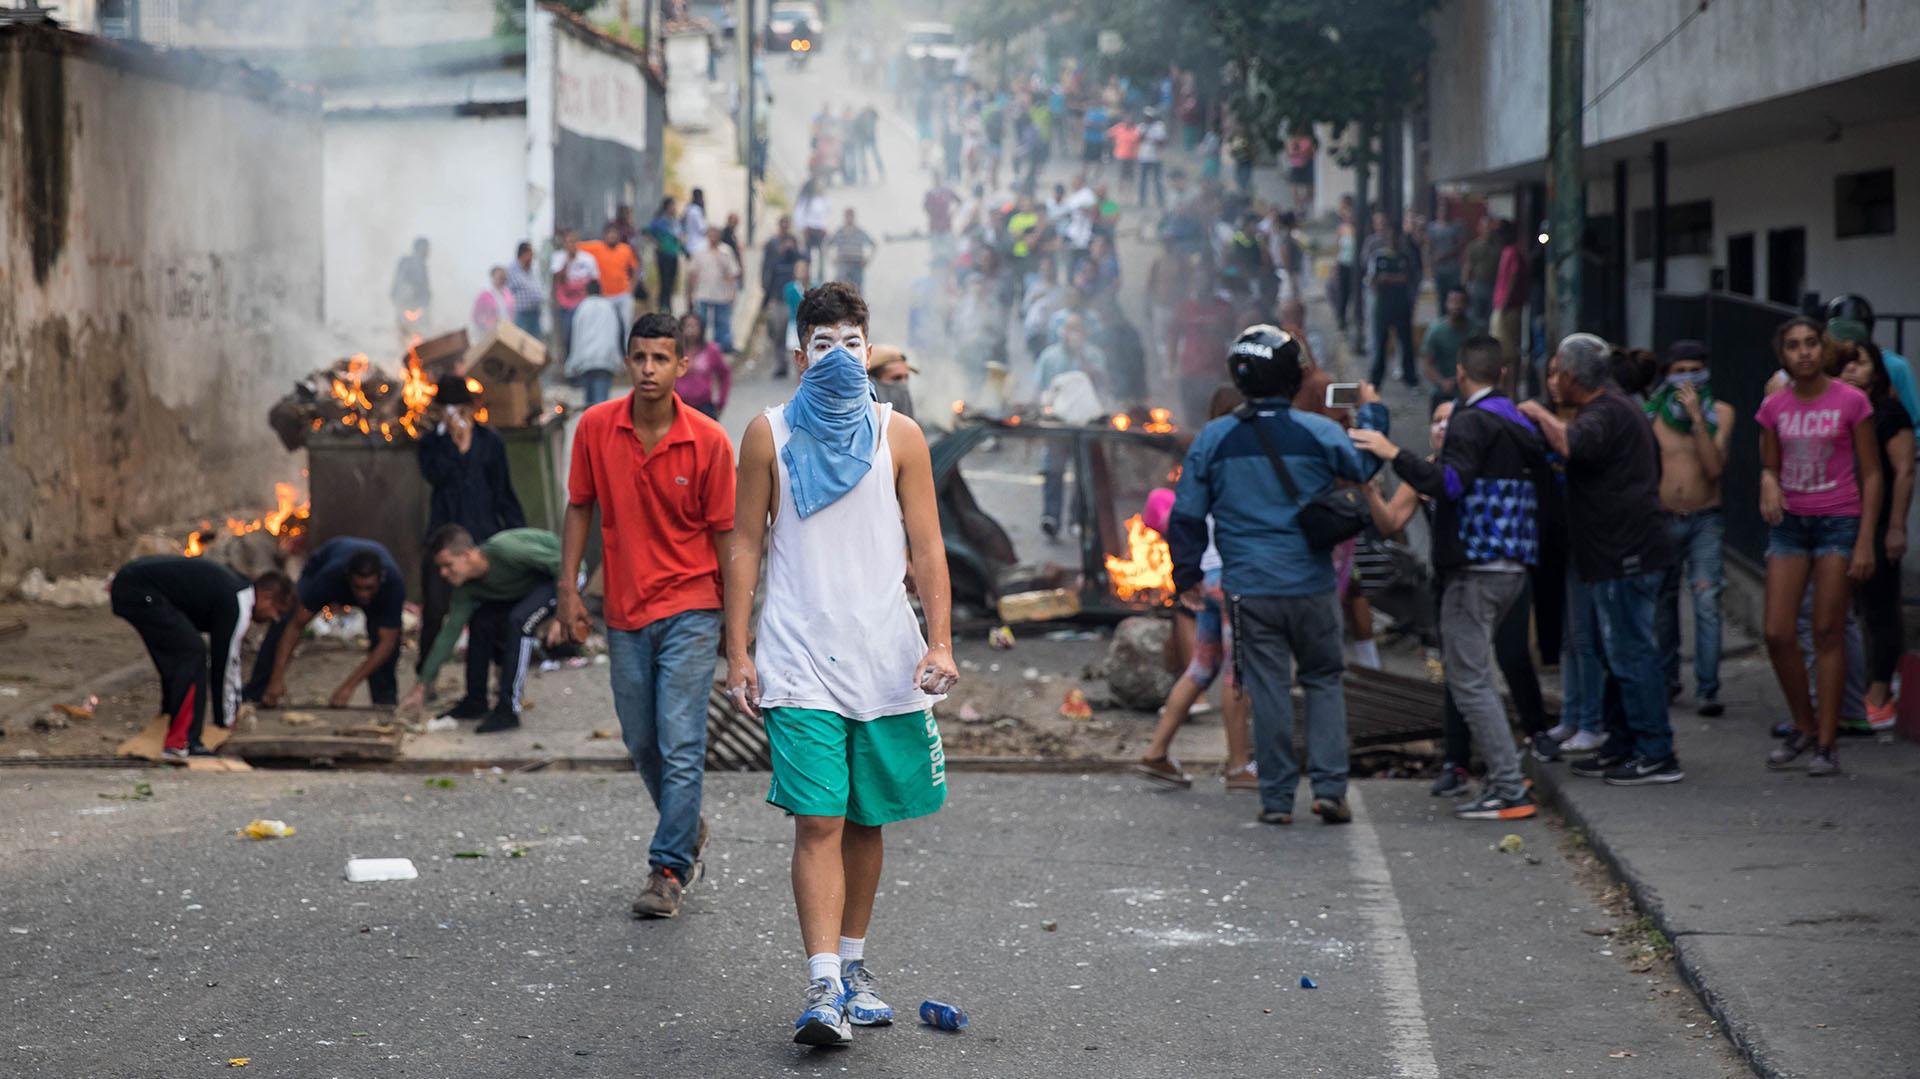 """El Ministerio de la Defensa anunció en un comunicado que fueron """"rendidos y capturados"""" un grupo de militares rebeldes, a los que llamó """"asaltantes"""", en una unidad especial de seguridad de la barriada pobre de Cotiza, al norte de Caracas"""